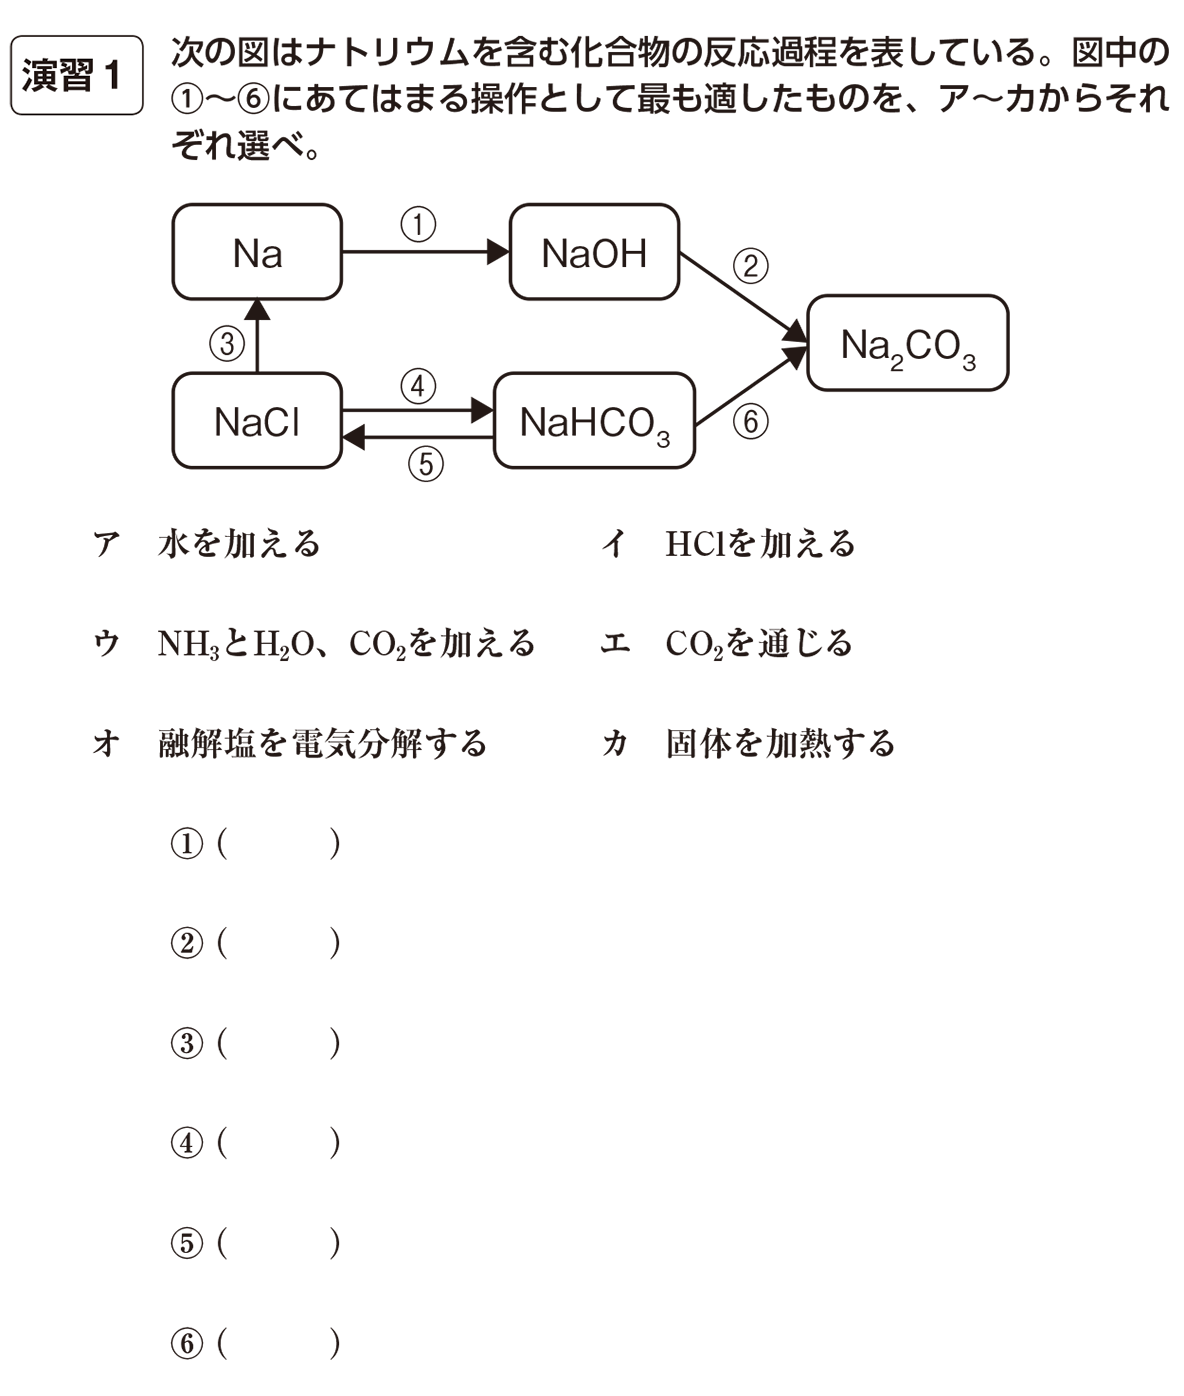 高校化学 無機物質26 ポイント1 答えなし